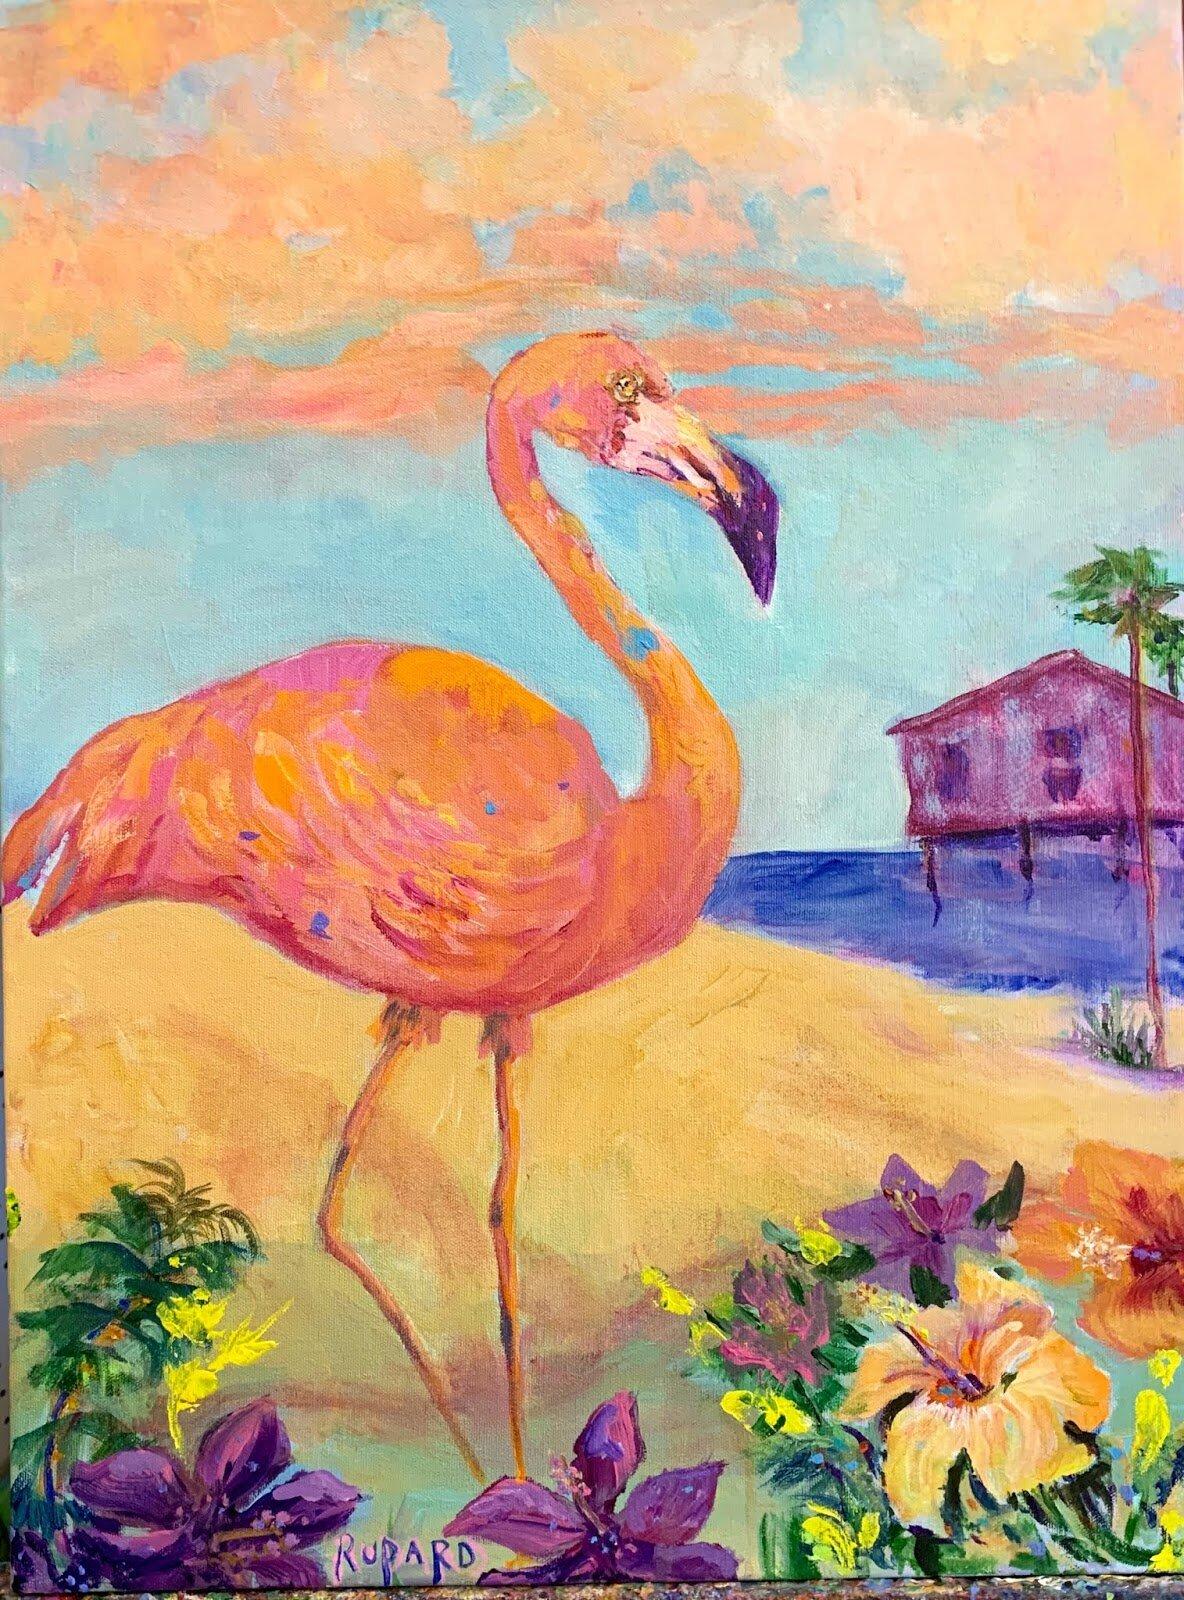 Linda Rupard Pelican.jpg